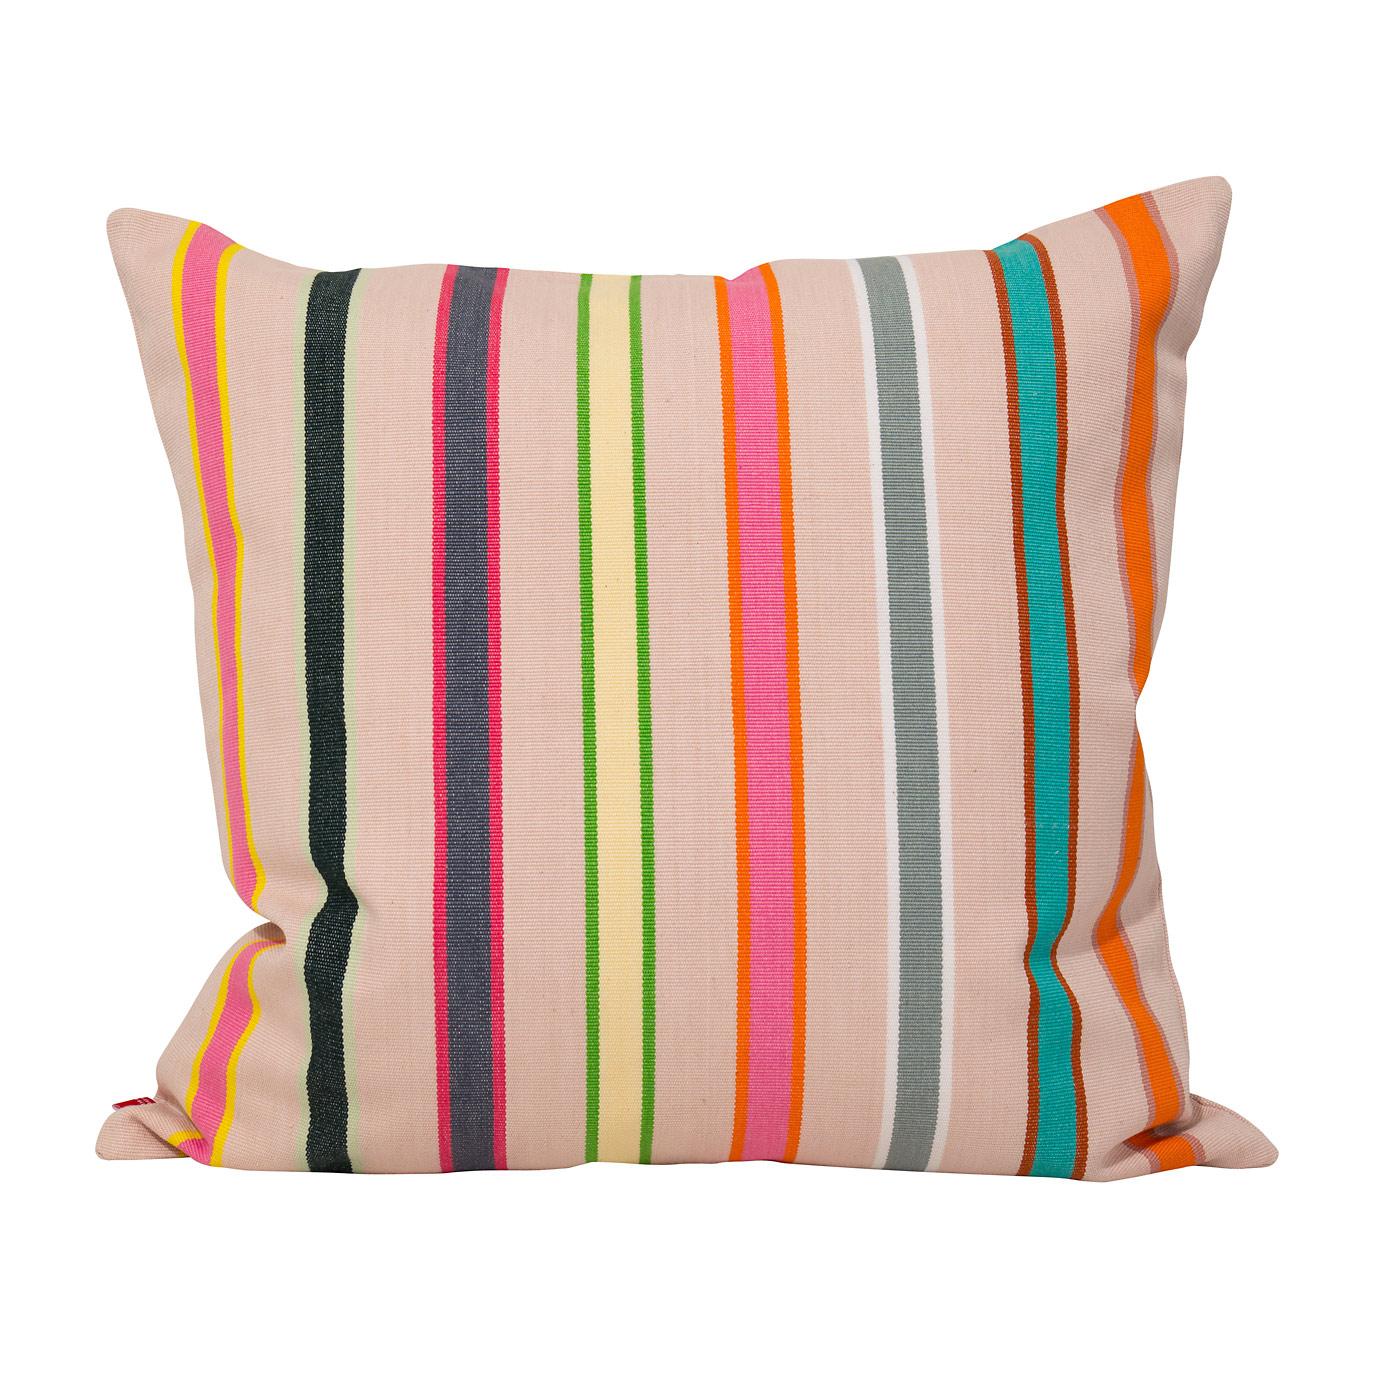 Cora Cushion Cover 50x50cm, Mix